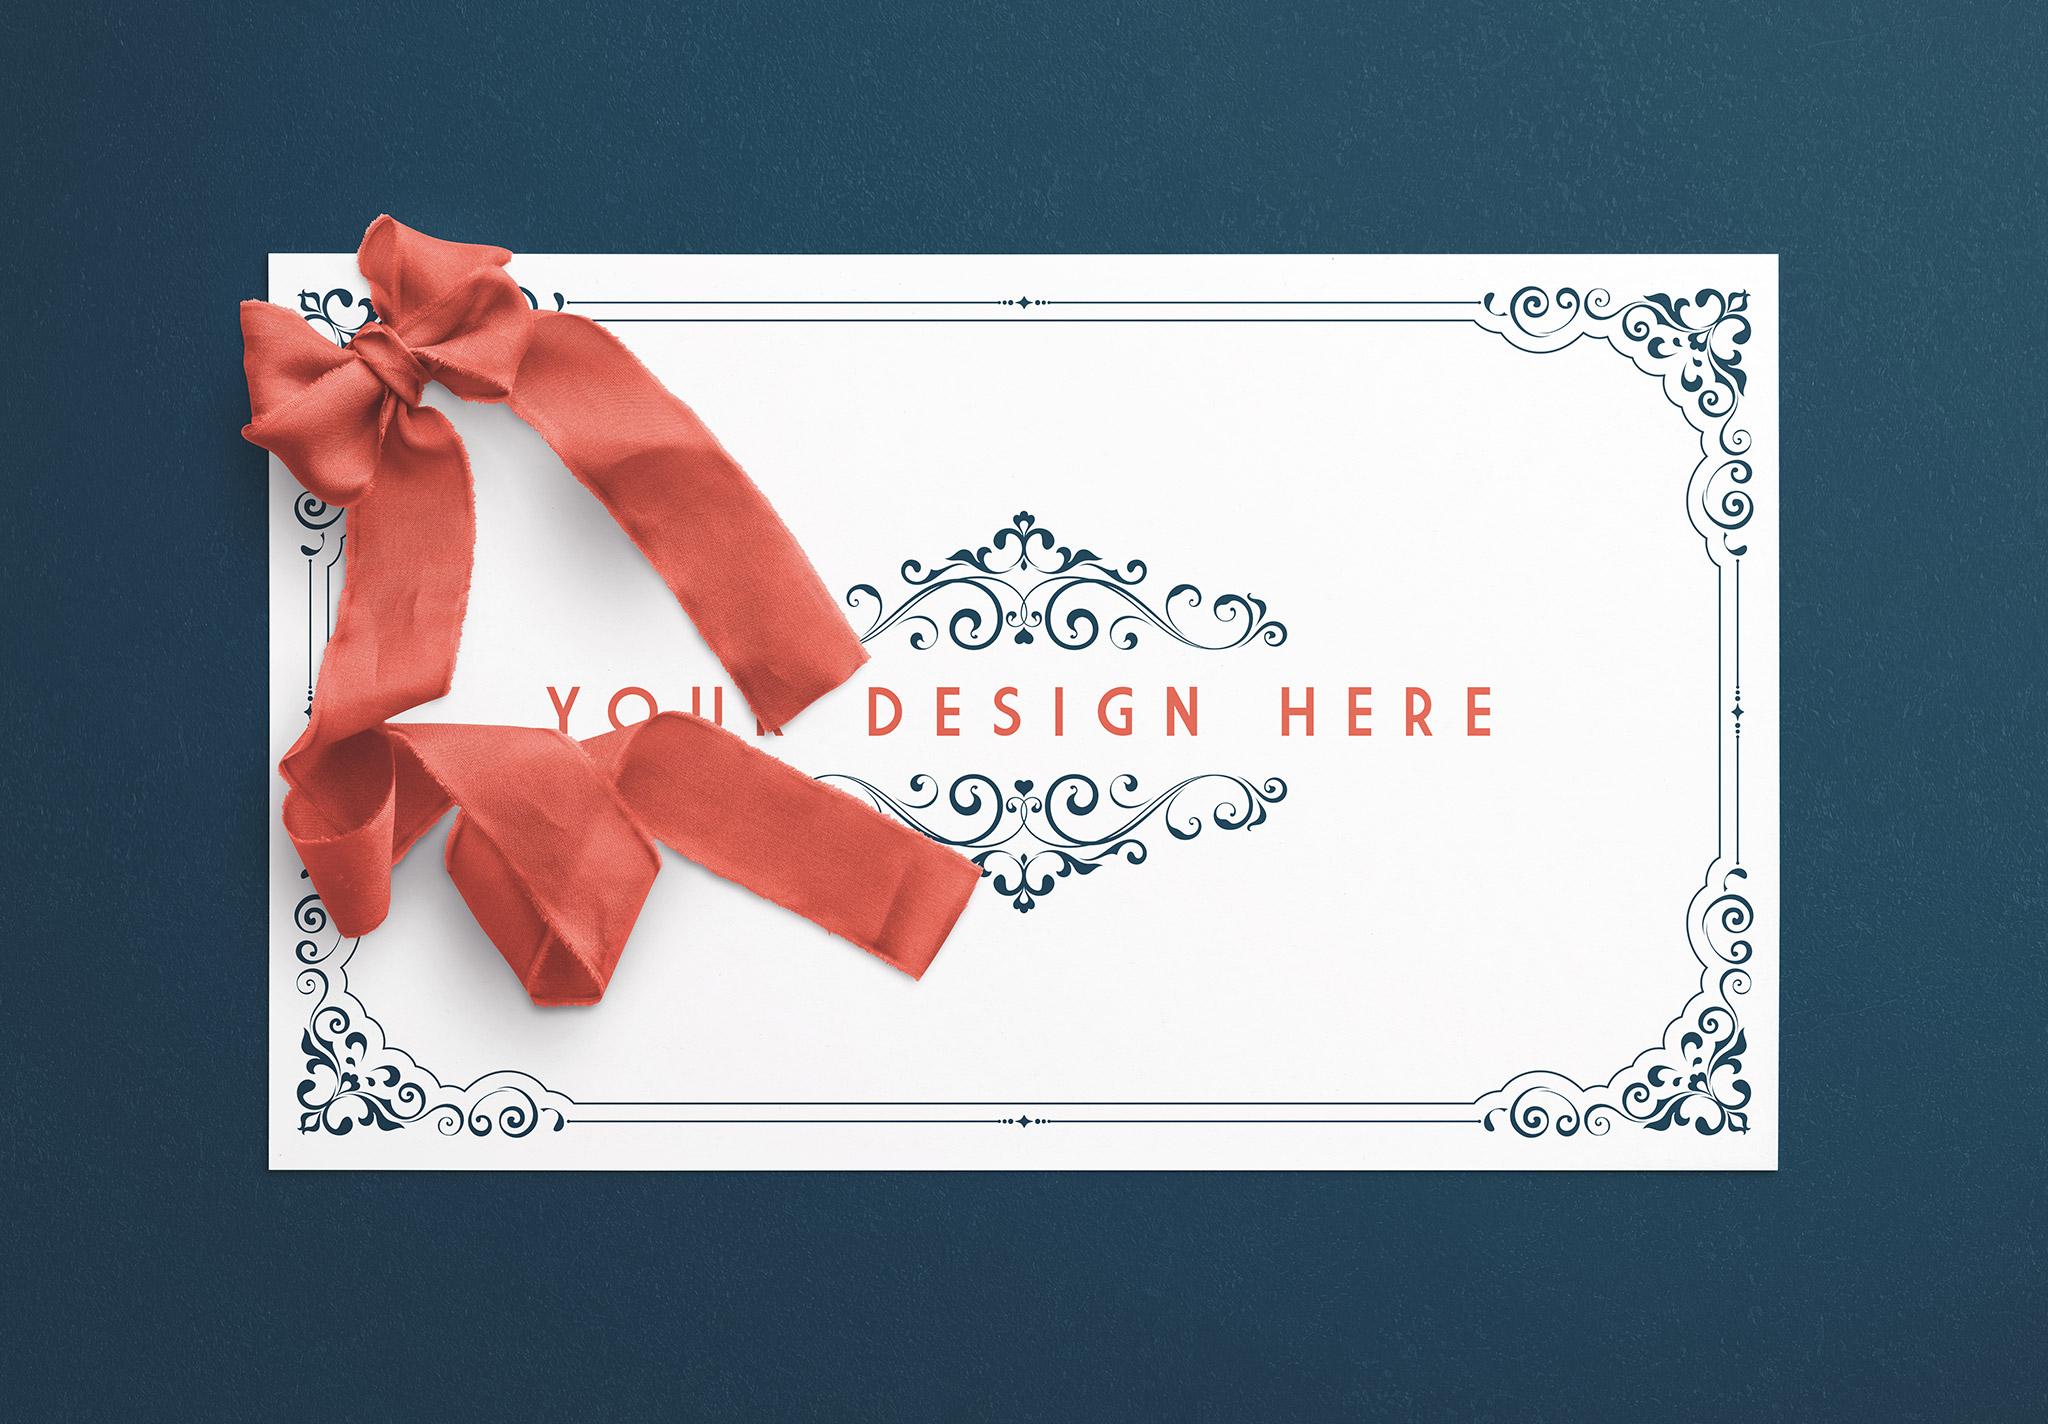 Card With Ribbons Mockup 2 image01